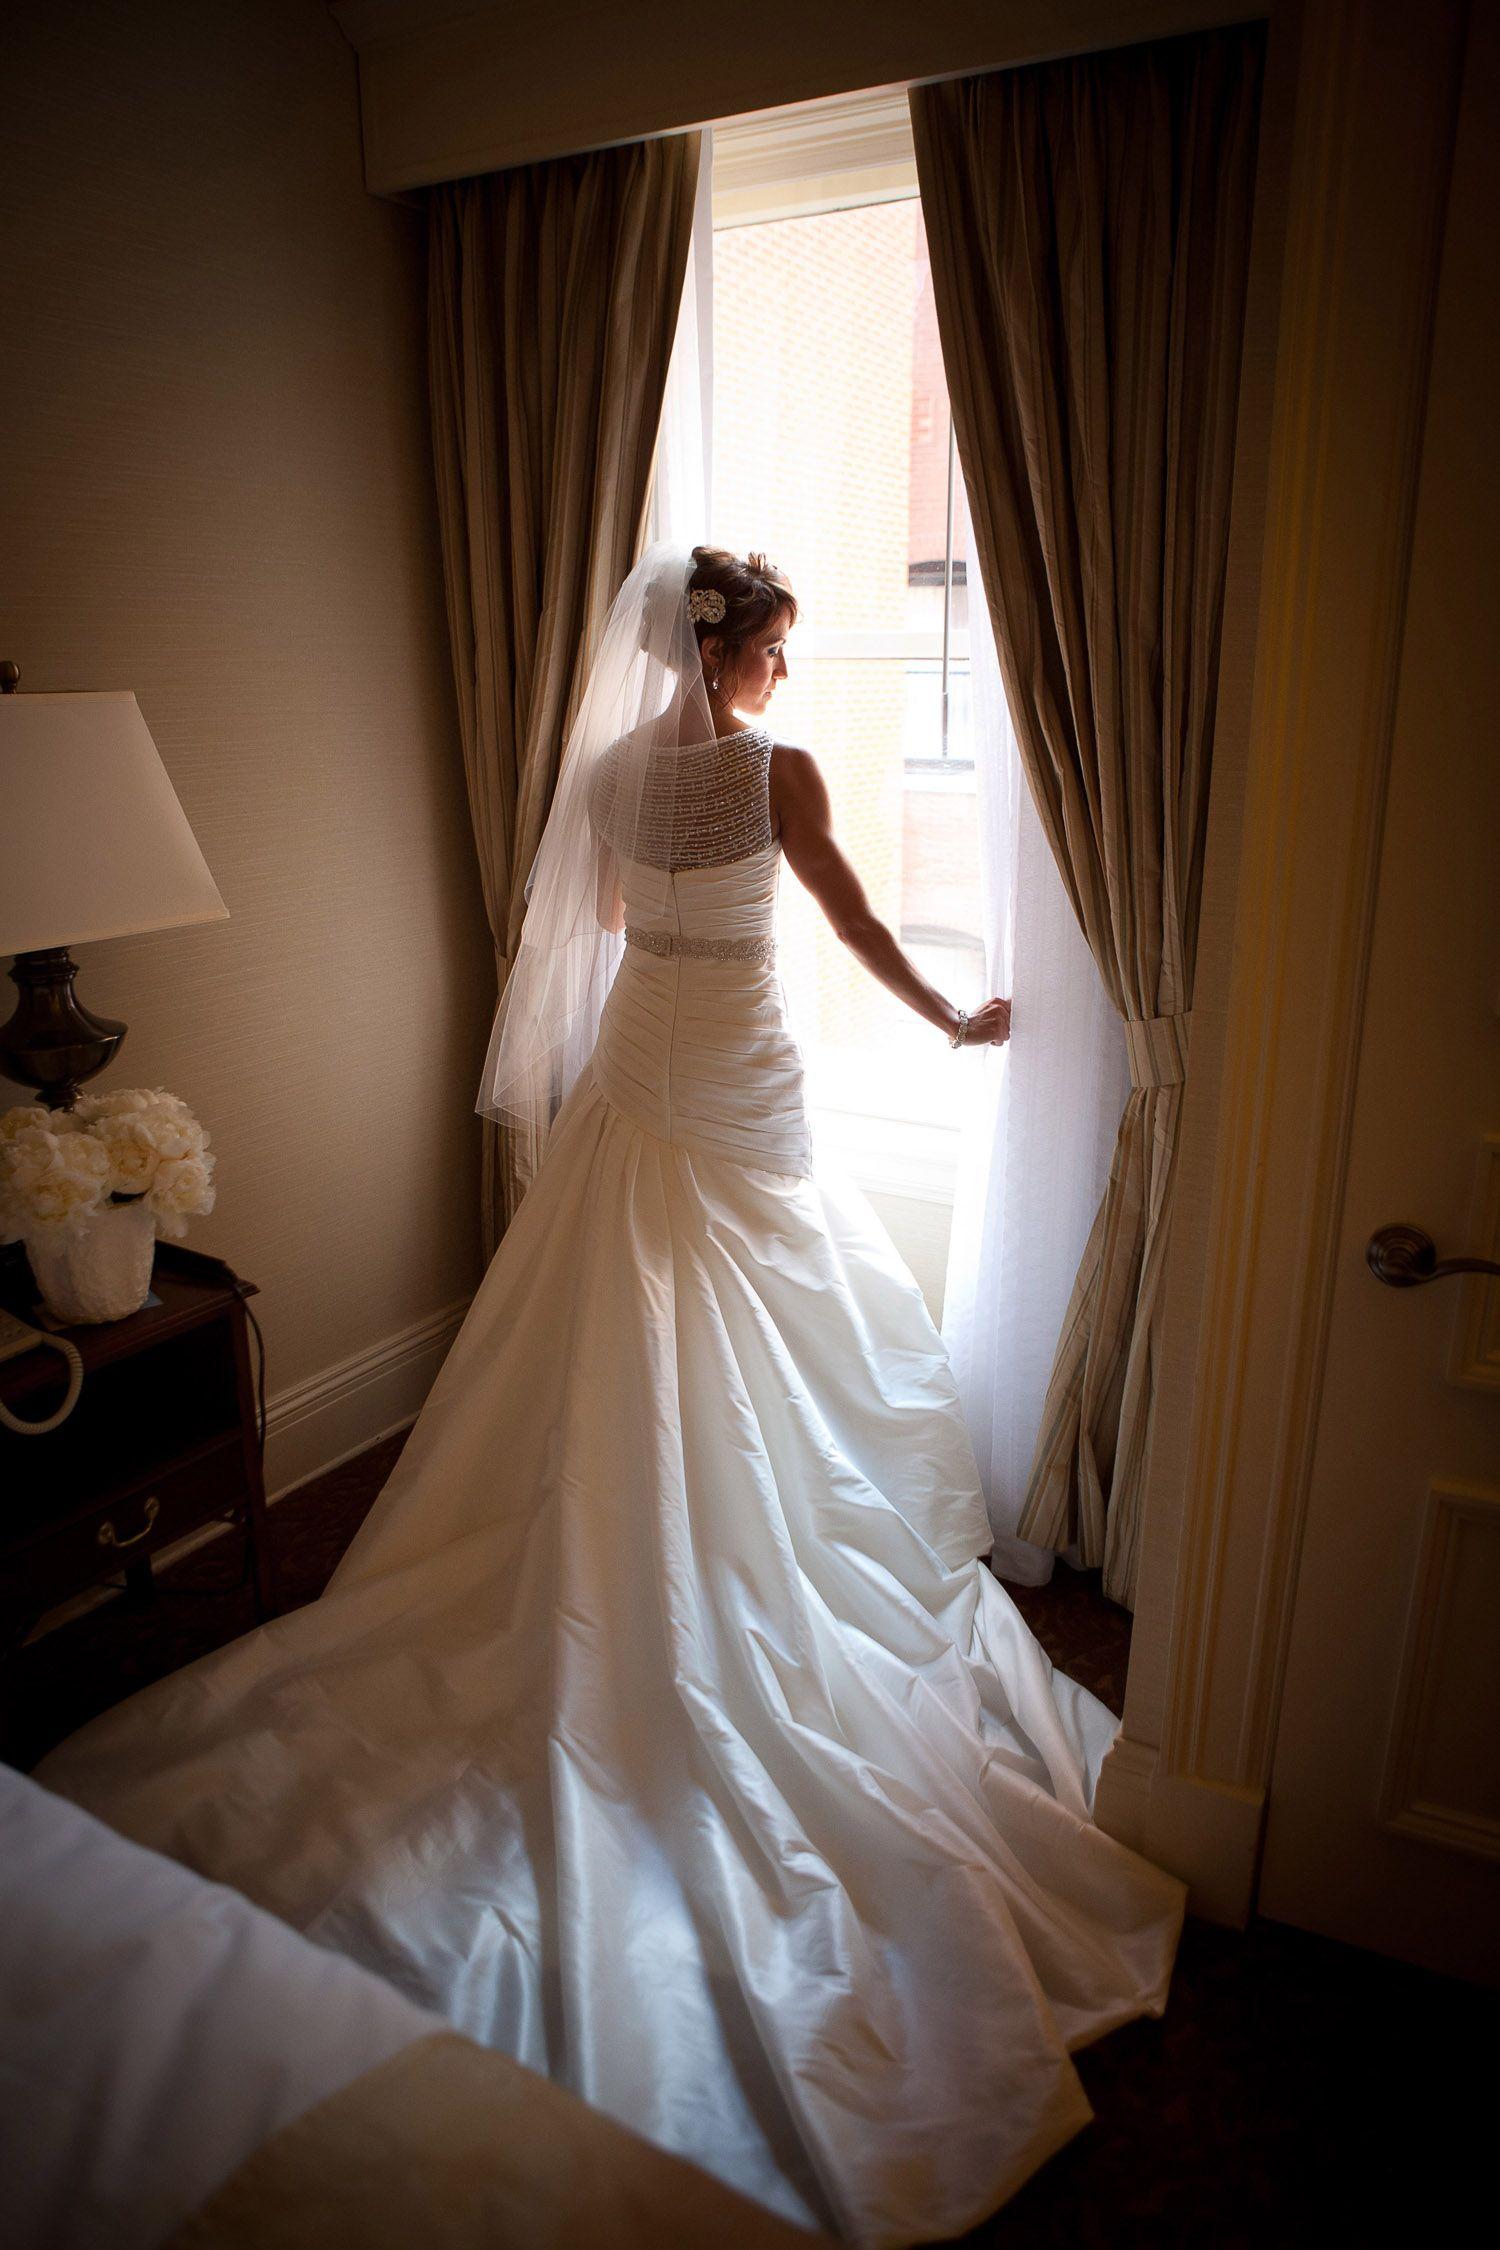 Couture Closet Bridal Boutique Servicing The Brides Of Louisville Lexington La Grange Kentu Plus Size Wedding Gowns Wedding Dresses Most Beautiful Dresses [ 2250 x 1500 Pixel ]